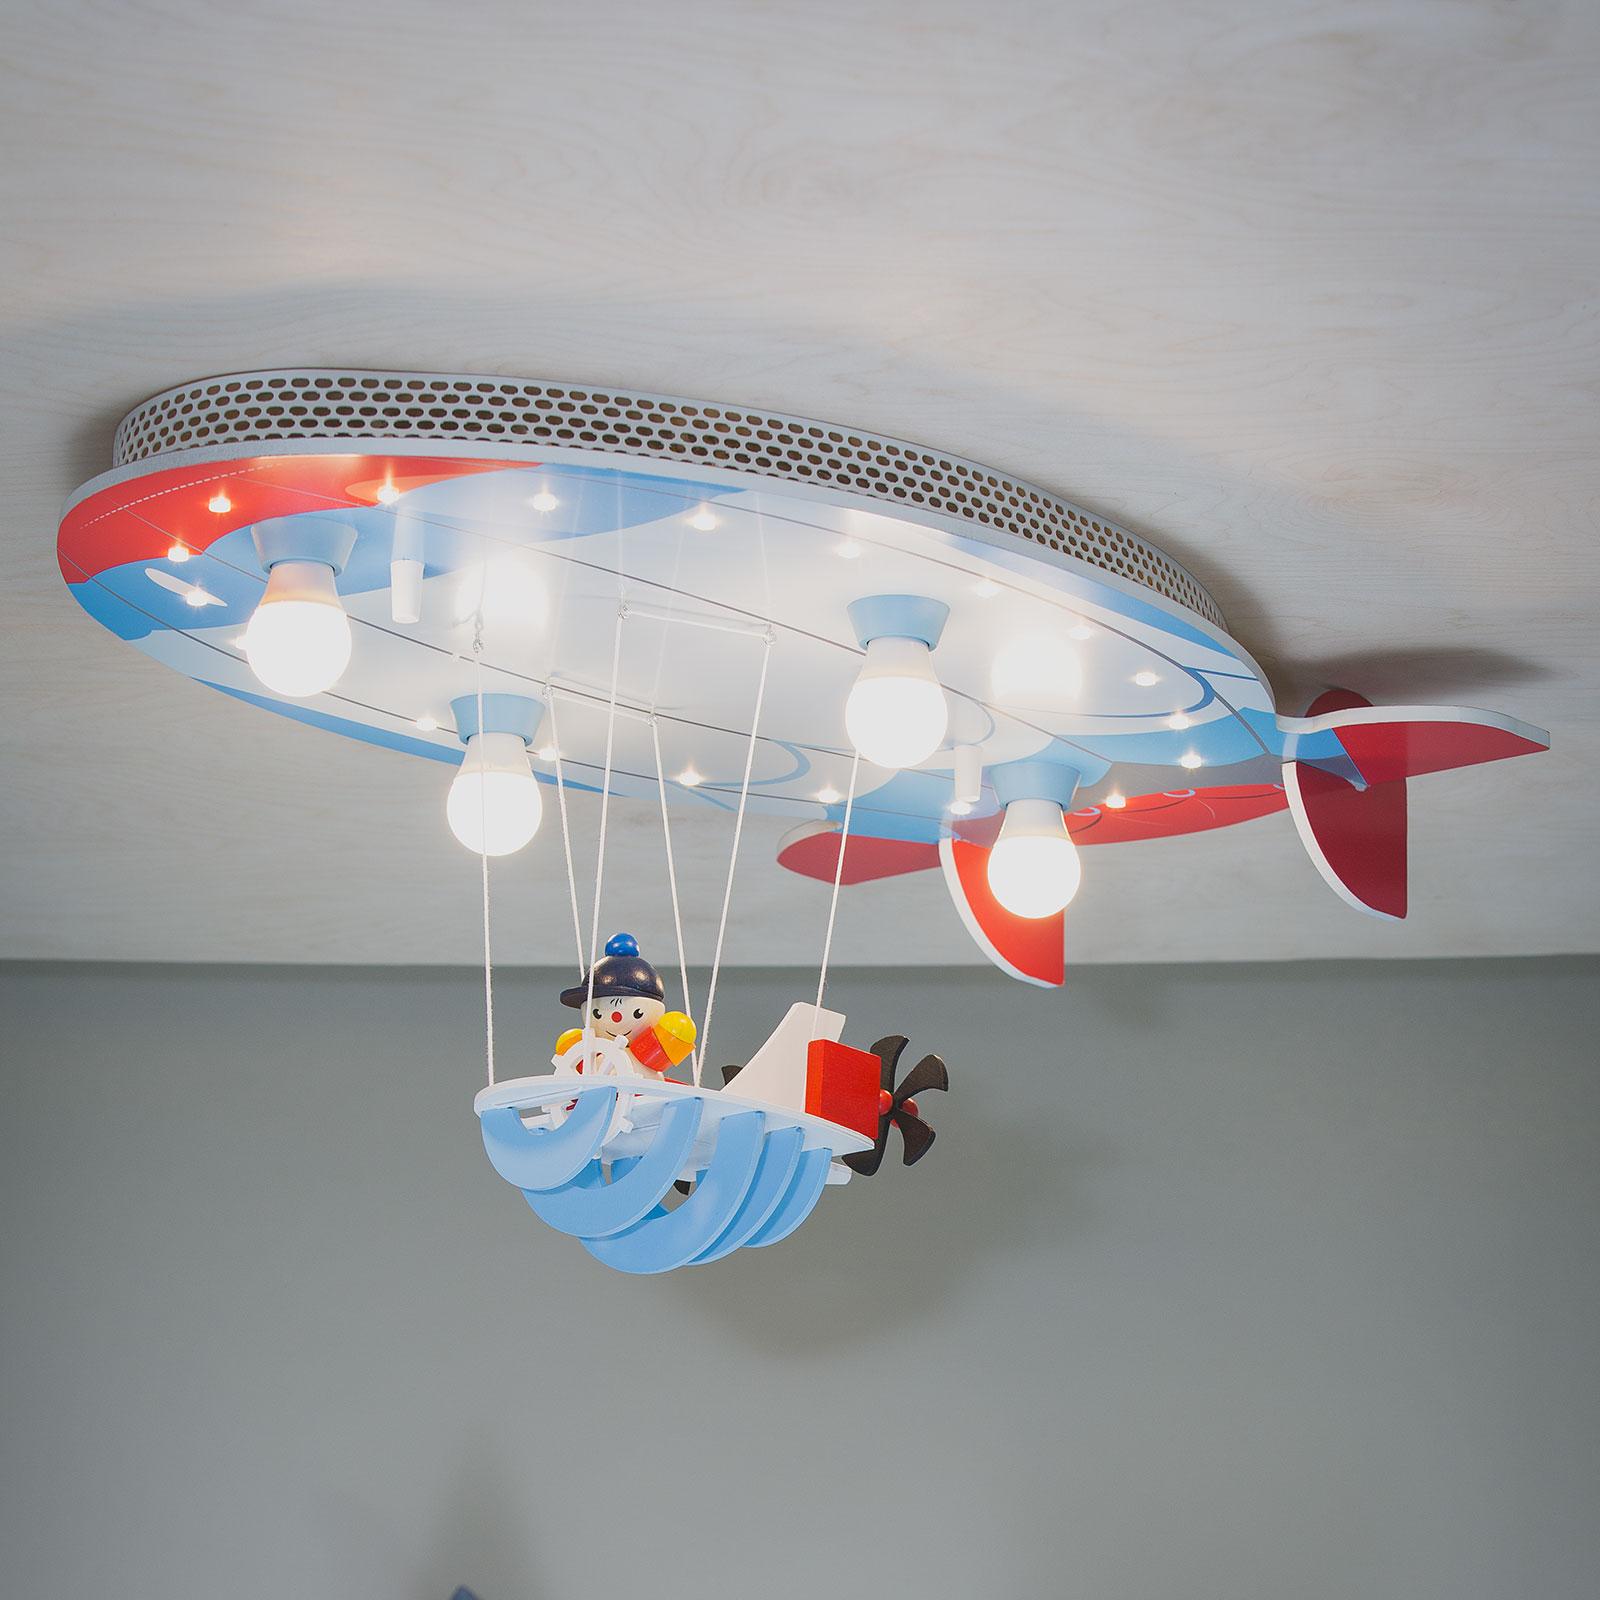 Deckenleuchte Luftschiff mit Joe, blau-rot-weiß